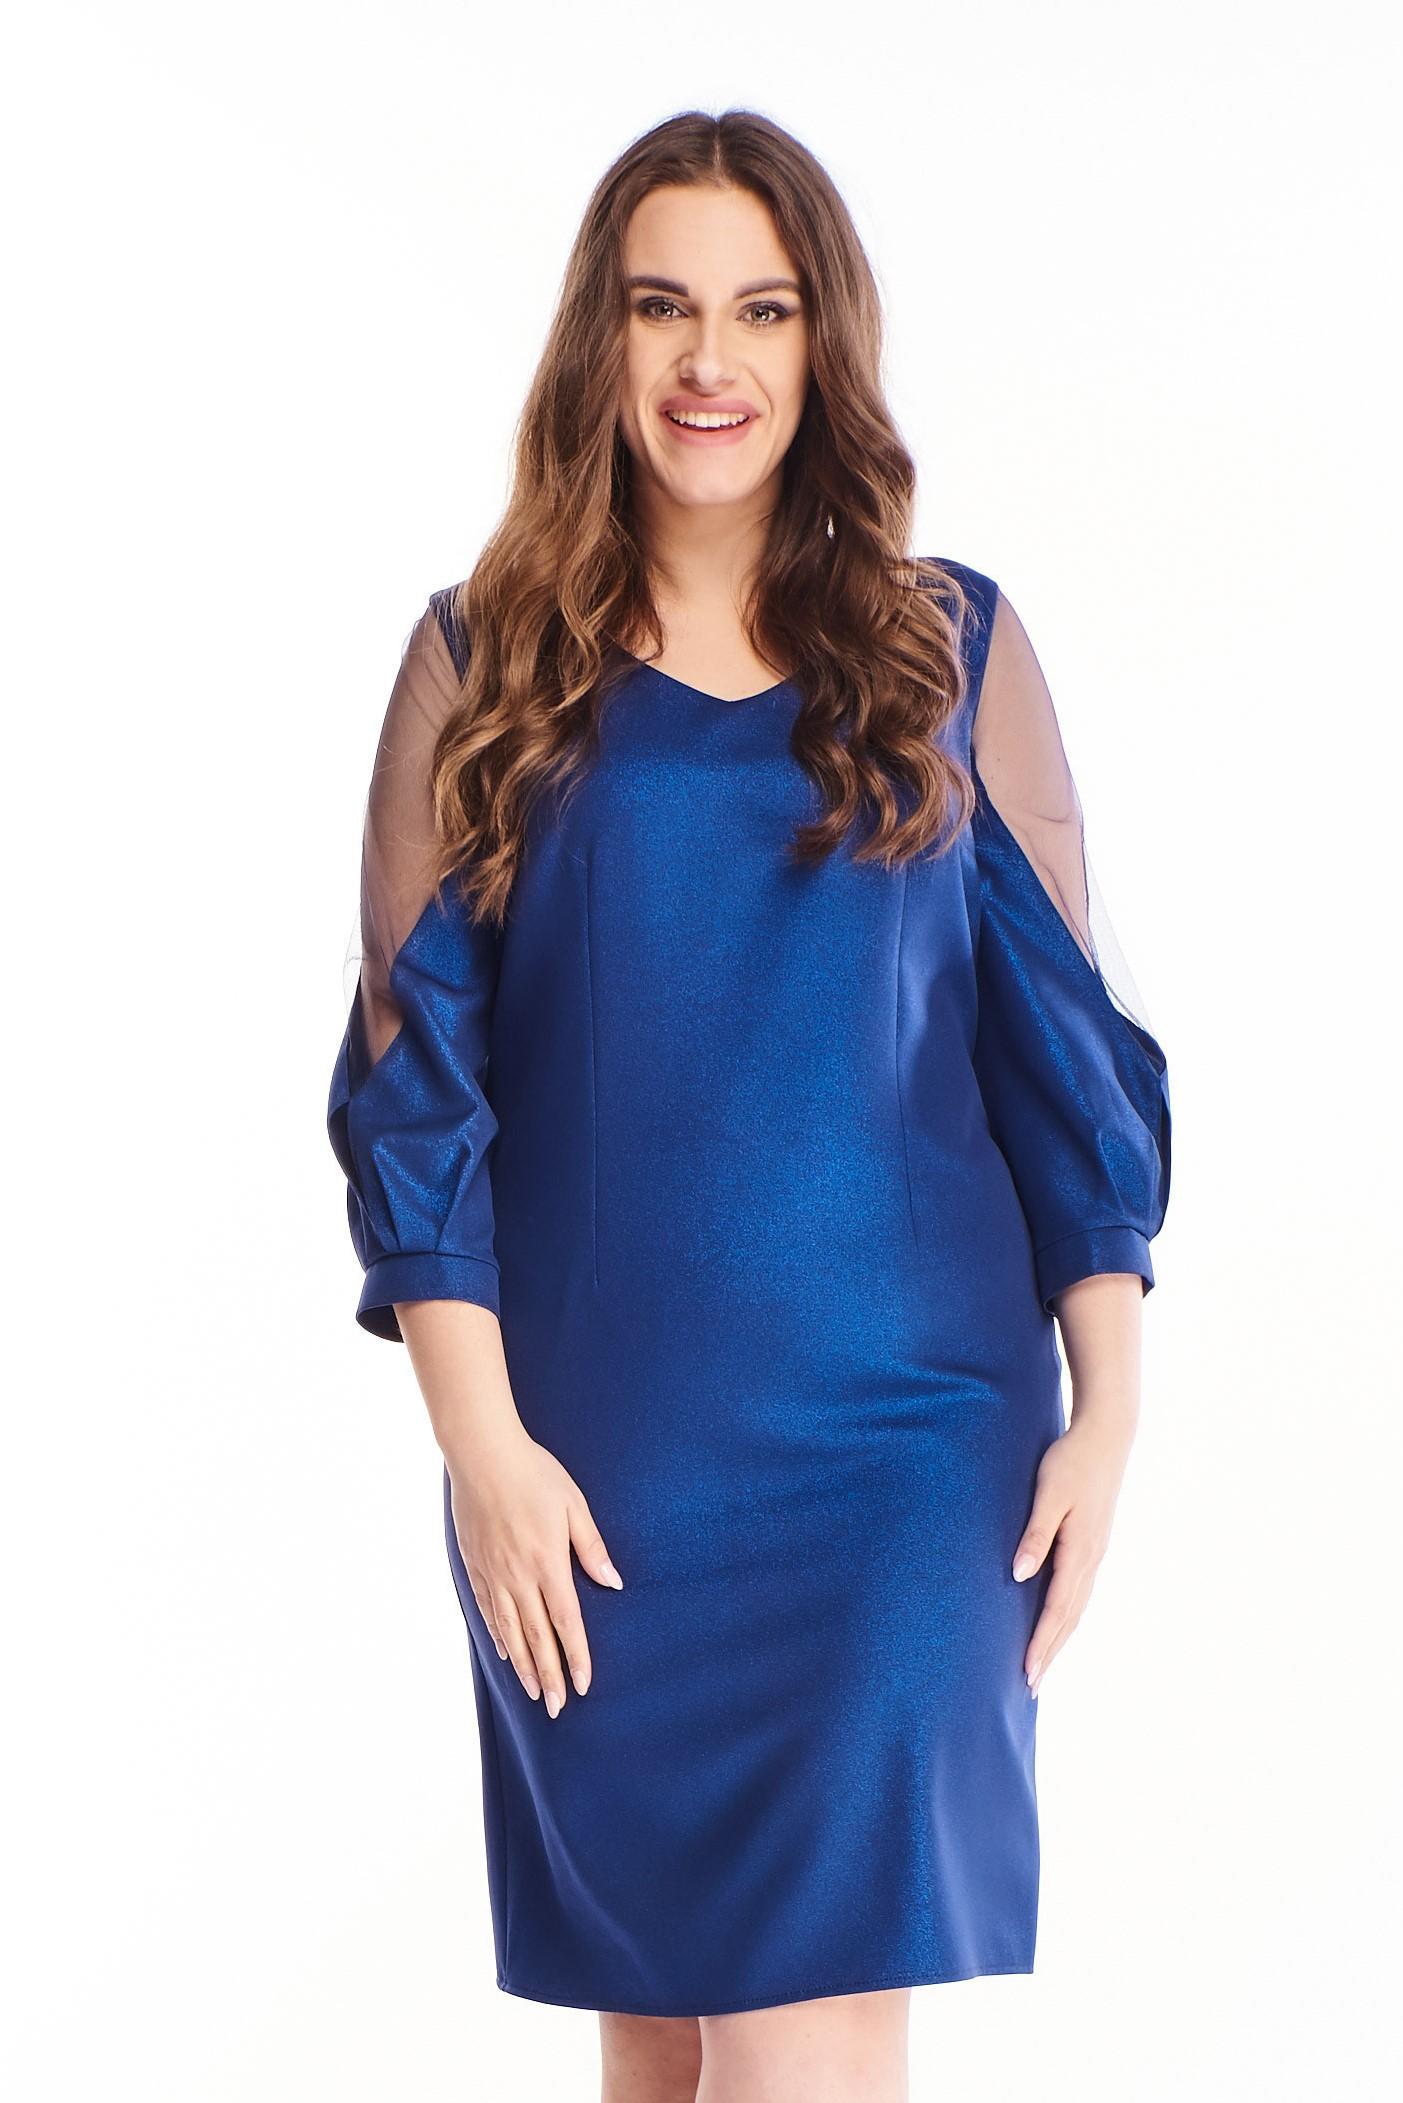 Spoločenské šaty v námorníckej modrej